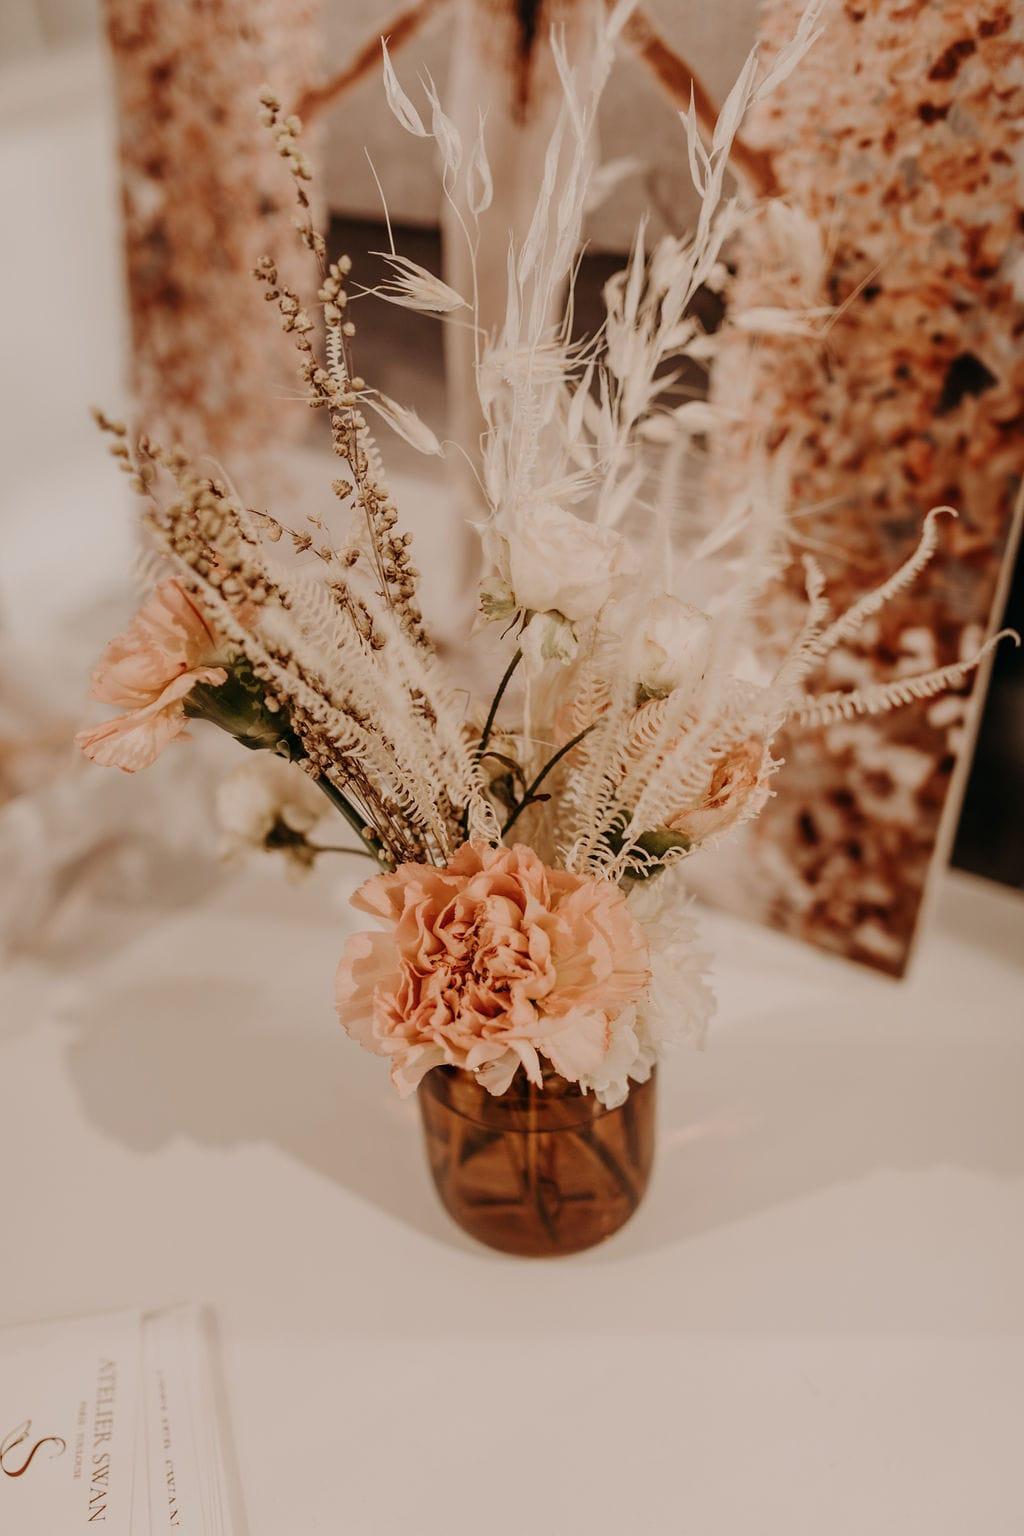 Reflets Fleurs - Fleuriste mariage et évènements corporate - Paris et France - Love etc